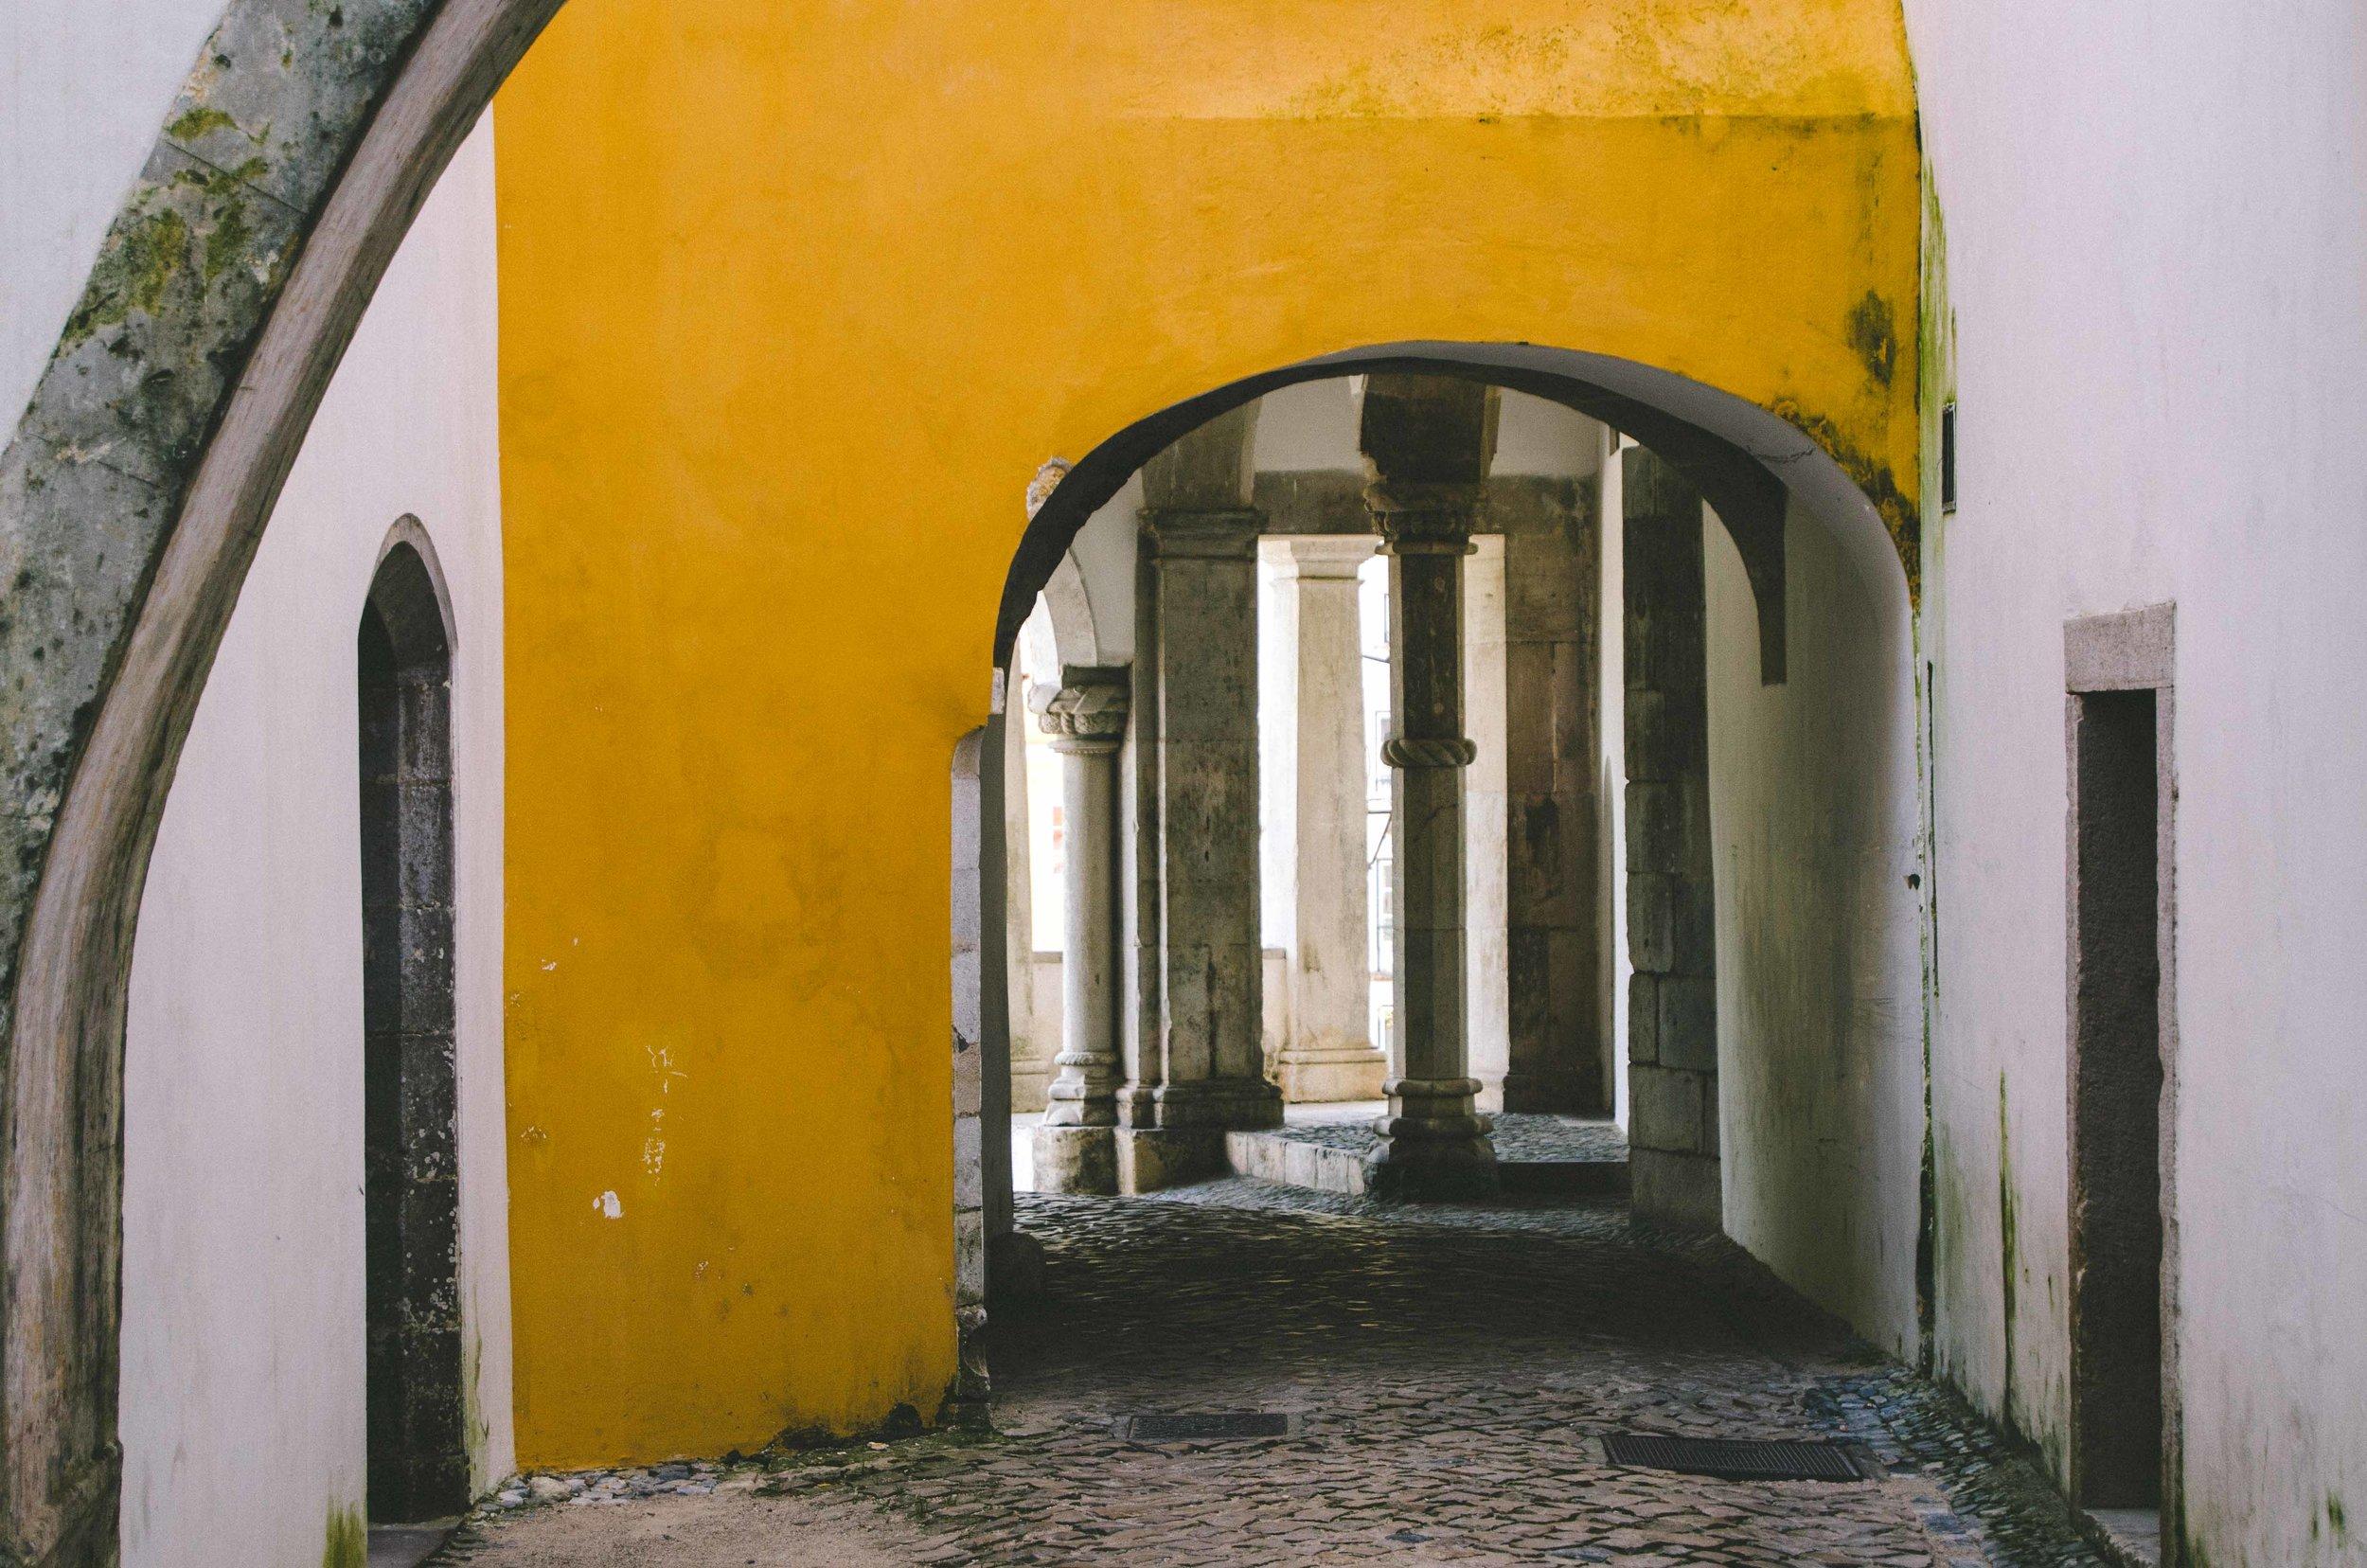 schoenmaker_portugalblog-22.jpg